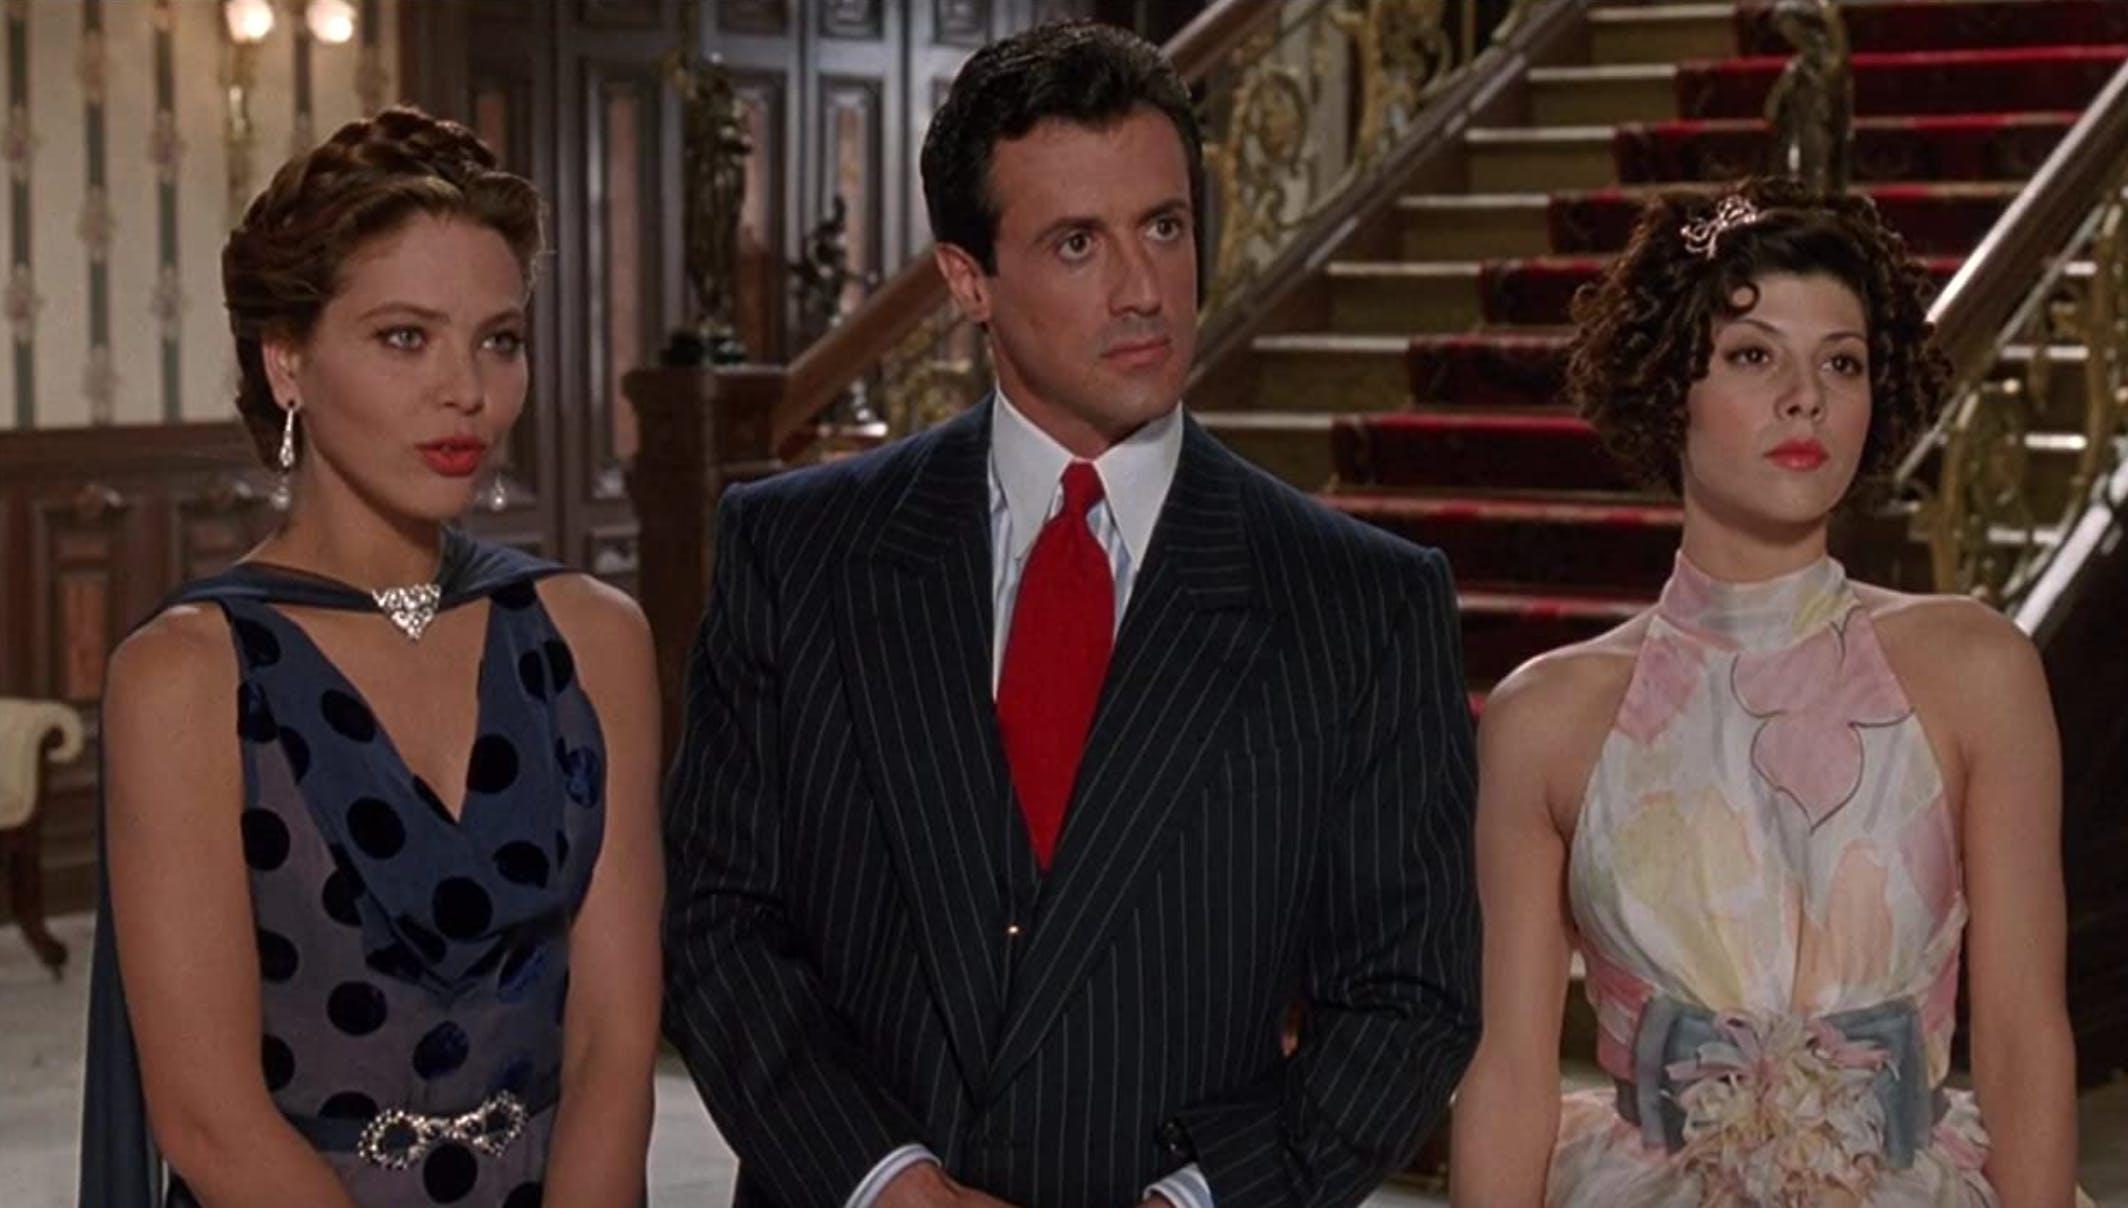 «Oscar» (1991): «Natürlich habe ich es gewusst! Ich hatte nur keine Ahnung», stellt Sylvester in der Krimikomödie fest. Neben ihm hier übrigens Marisa Tomei (rechts) und Ornella Muti. Das Skript war mit Unsinnigkeiten gespickt, so sagt Sly auch: «Mach, was du willst! Verlass einfach nicht diesen Raum.»